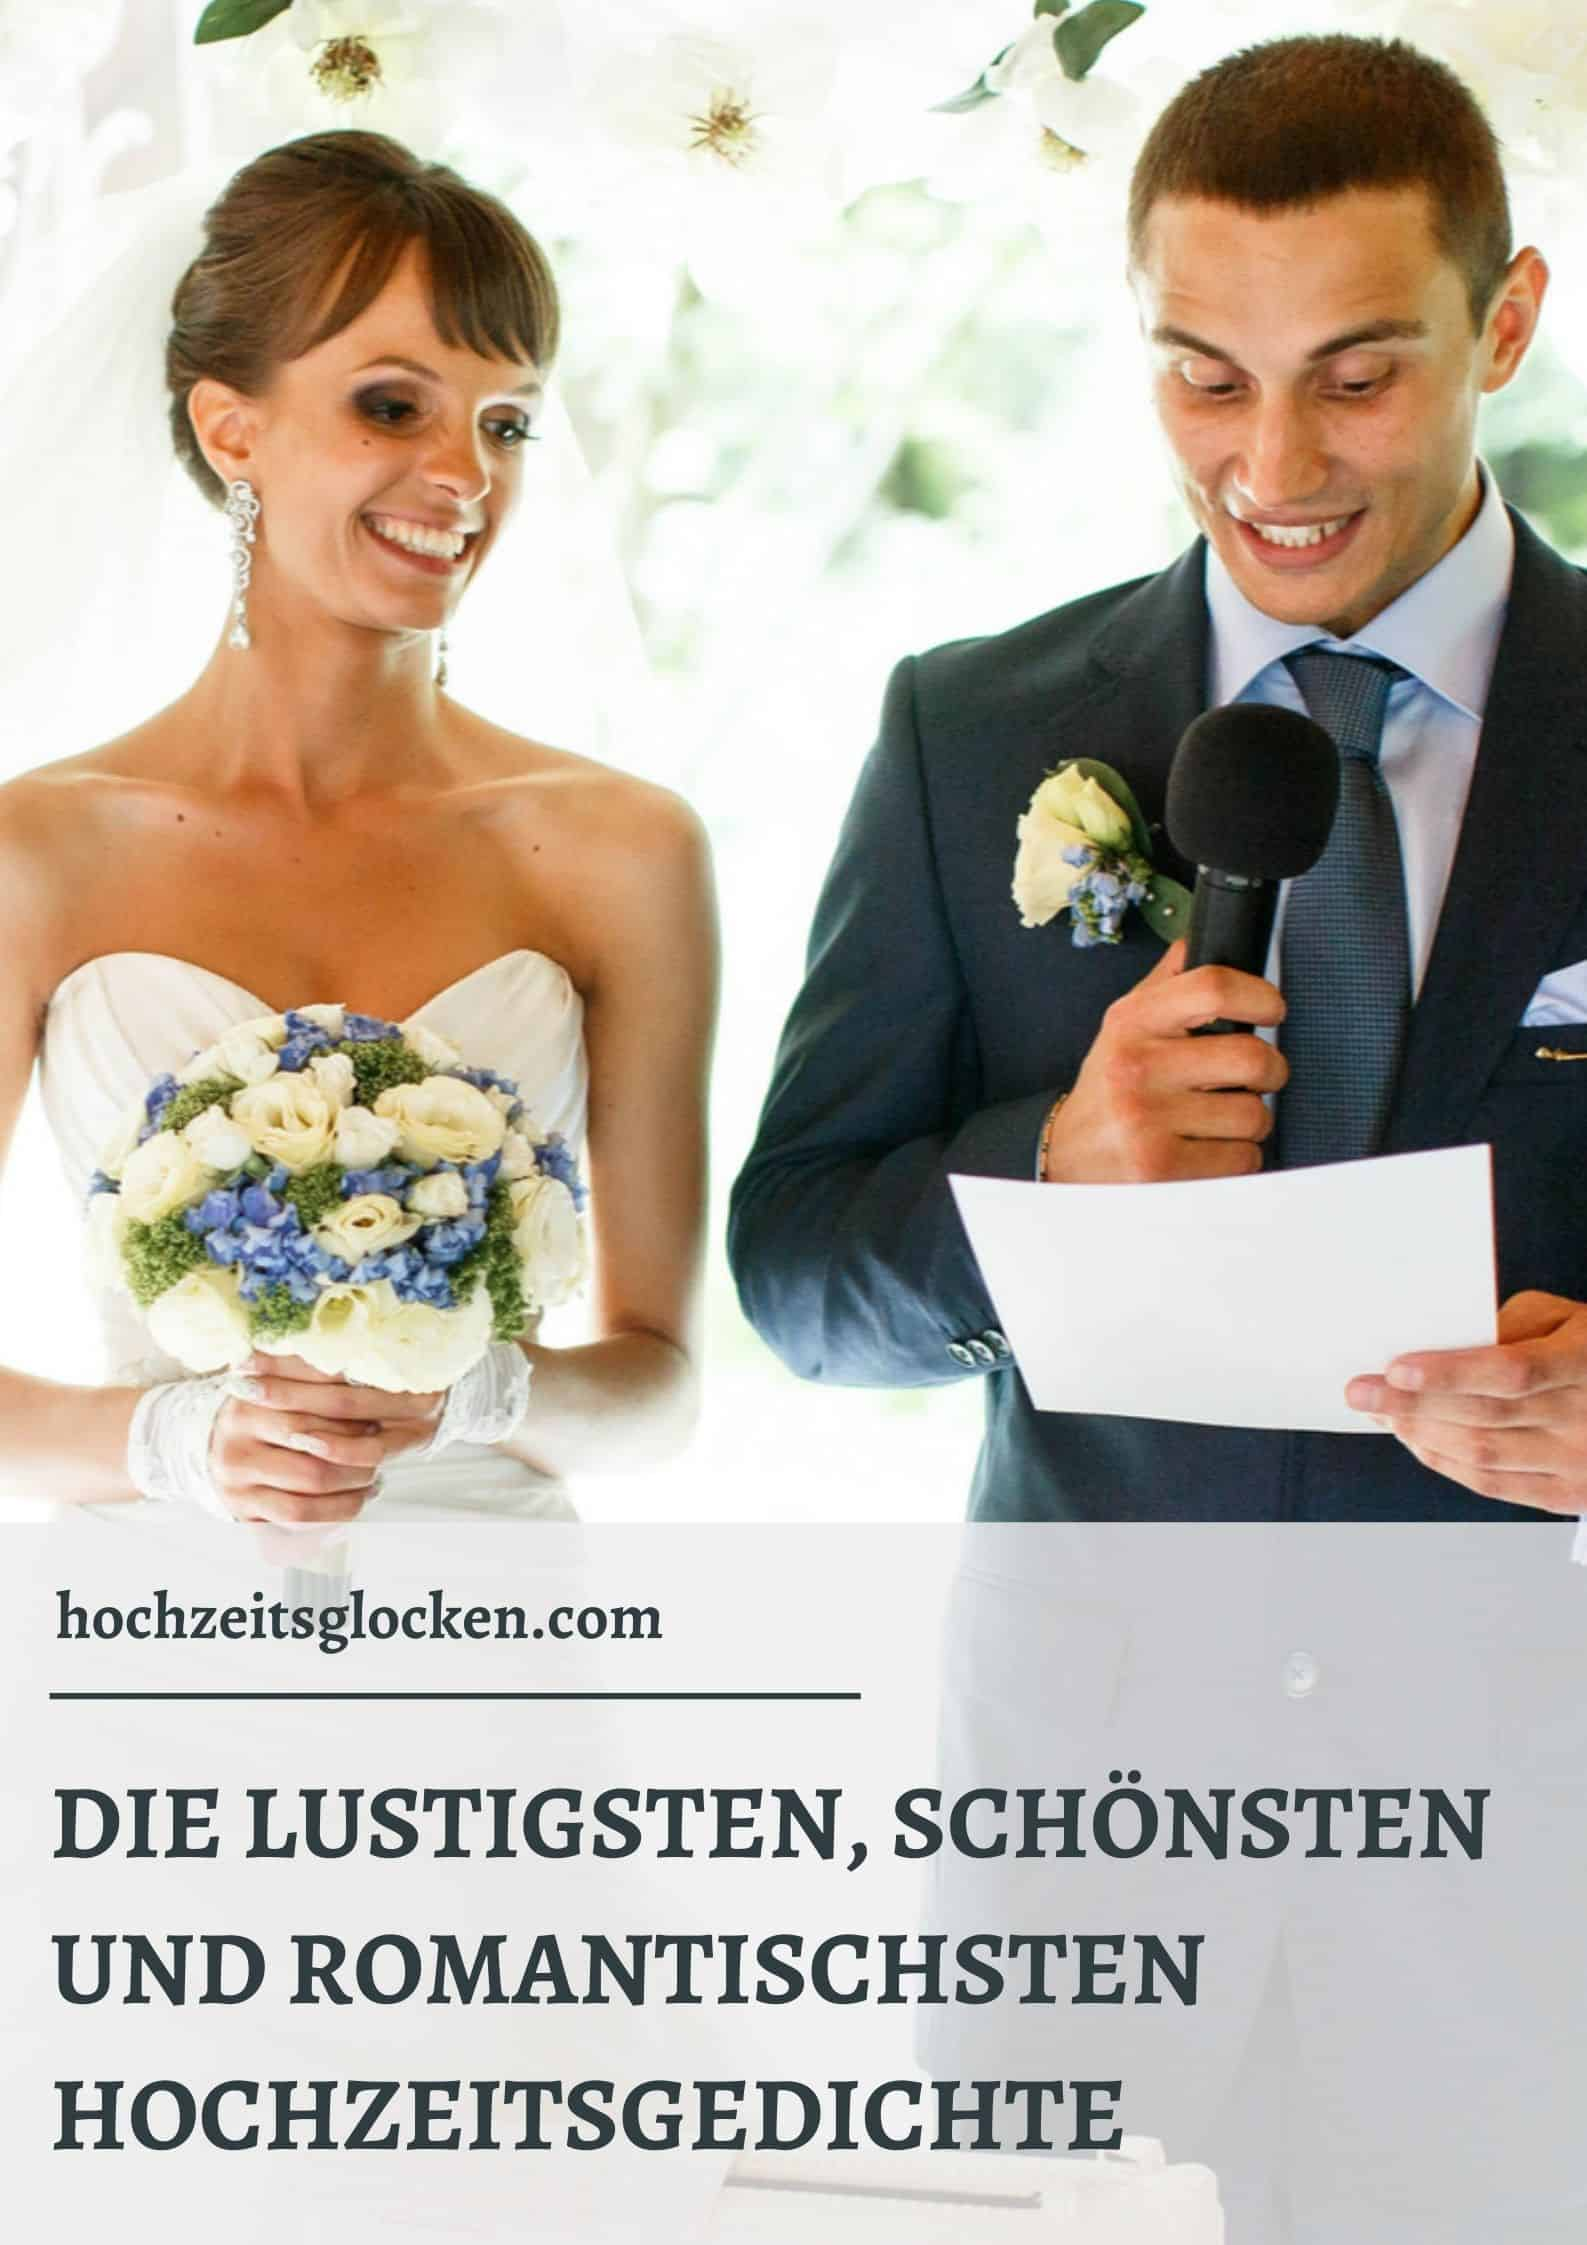 Die Lustigsten, Schönsten Und Romantischsten Hochzeitsgedichte